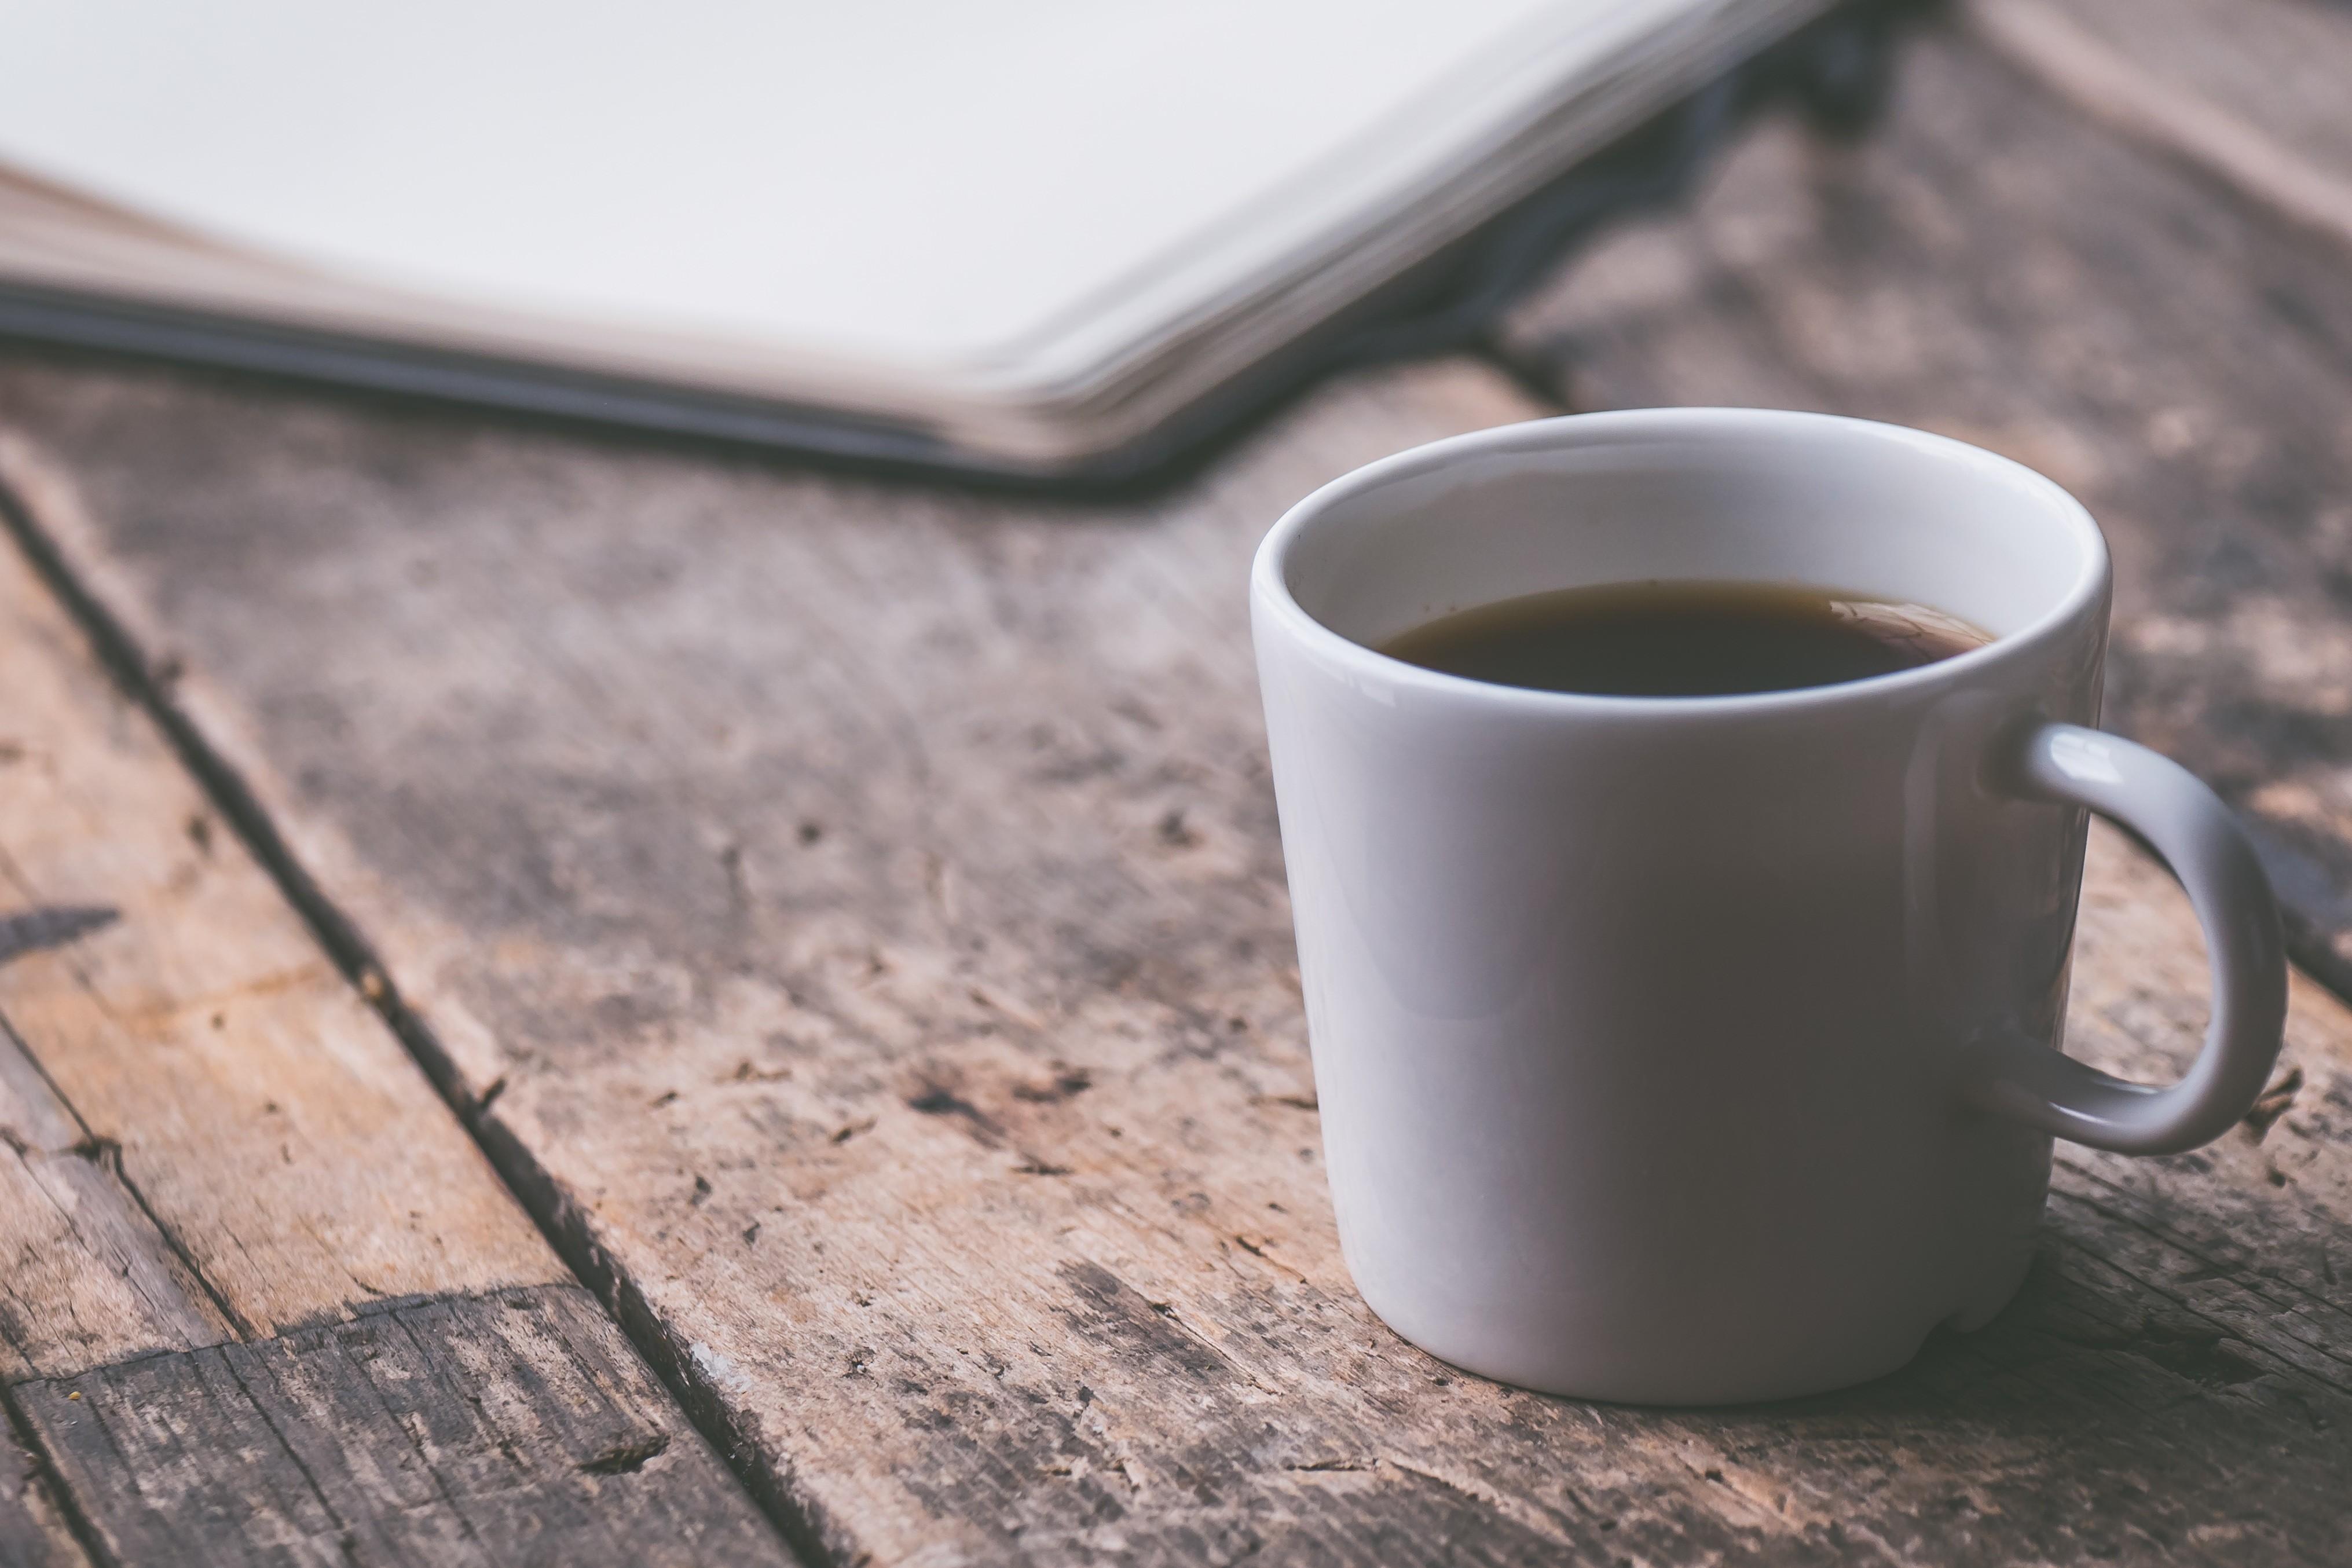 Злоупотреблять кофеином нельзя